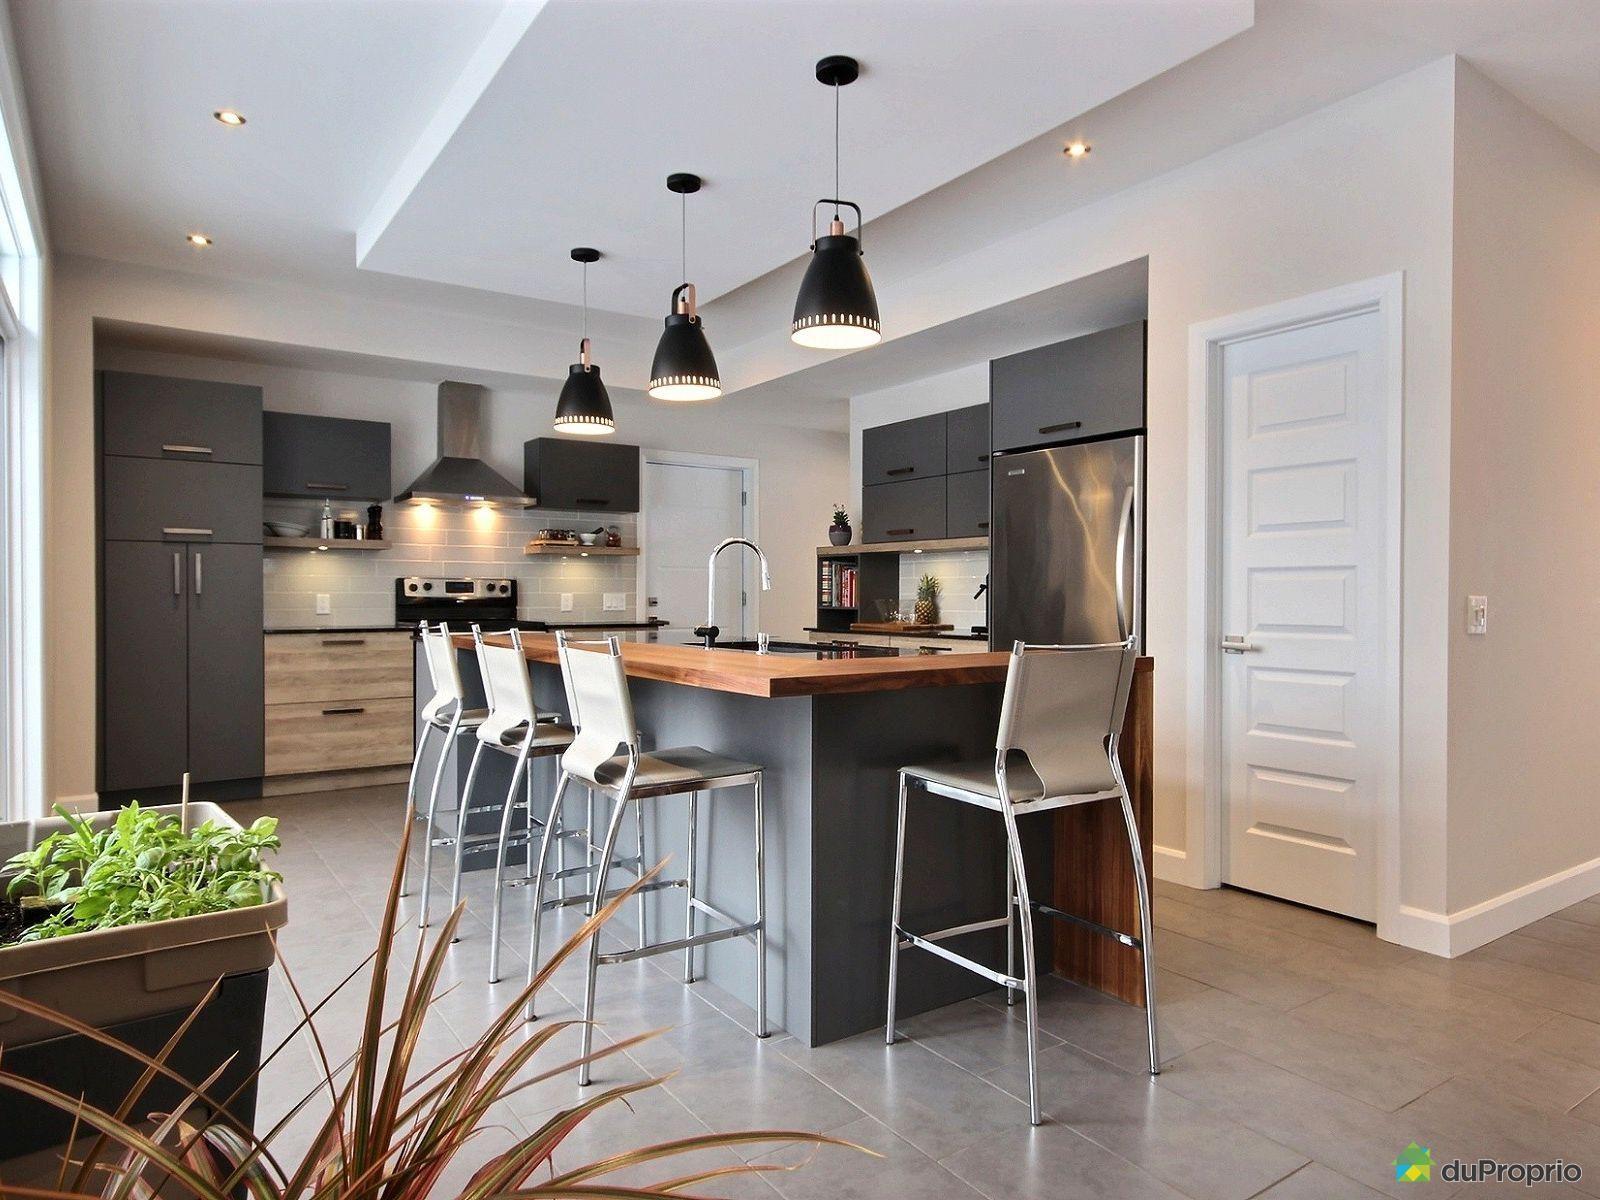 On aime cette cuisine contemporaine avec ces belles armoires grises charcoal et ce t lot en bois - Belles cuisines contemporaines ...